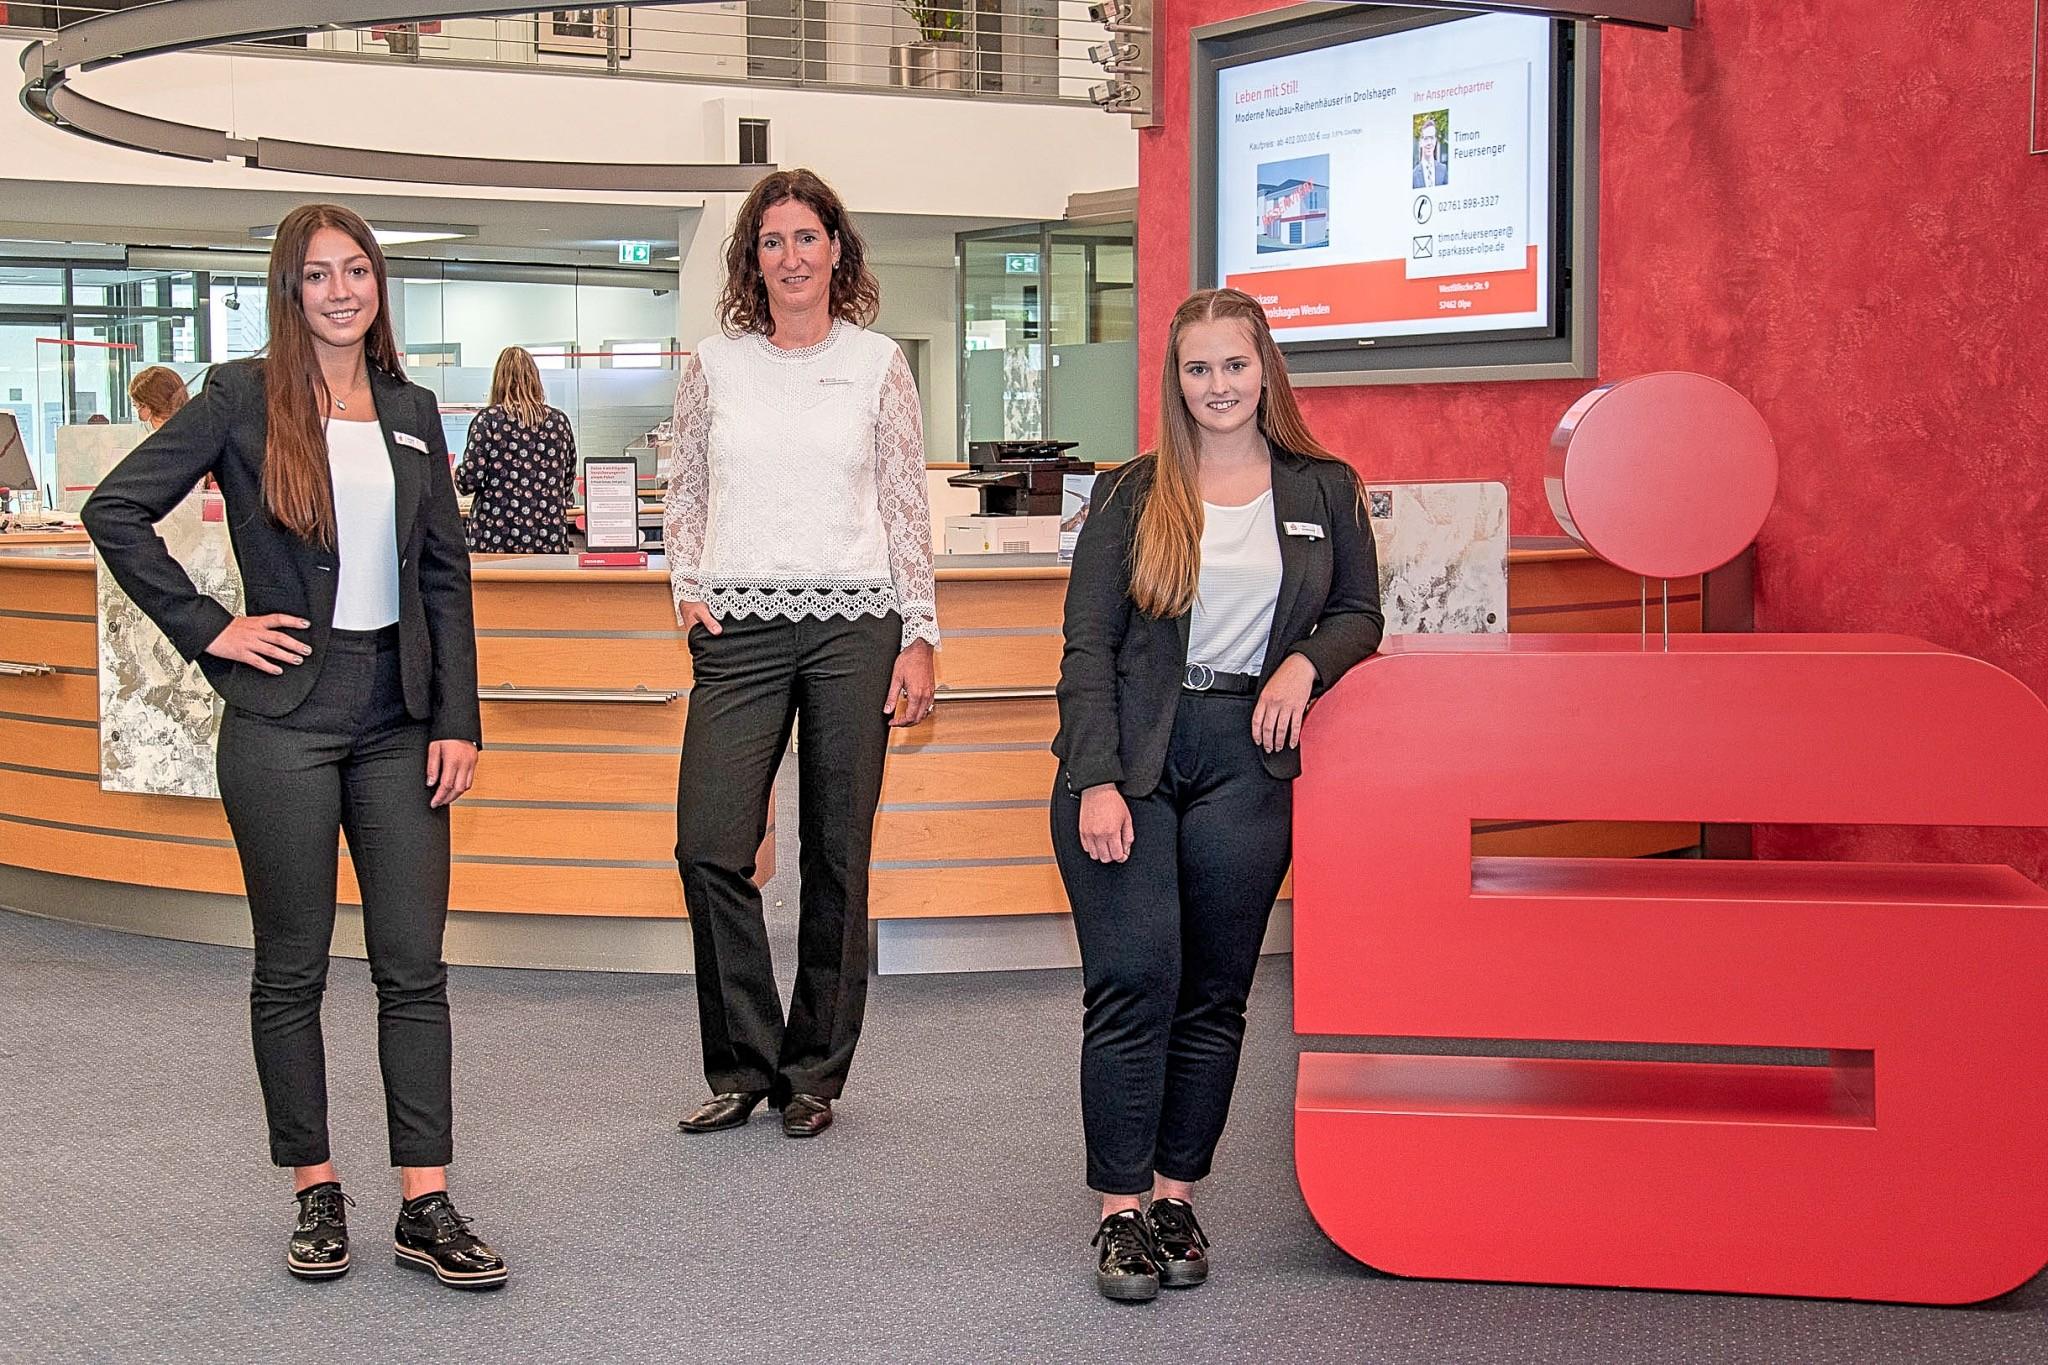 Start ins Berufsleben: Zwei neue Auszubildende in der Sparkasse Olpe-Drolshagen-Wenden